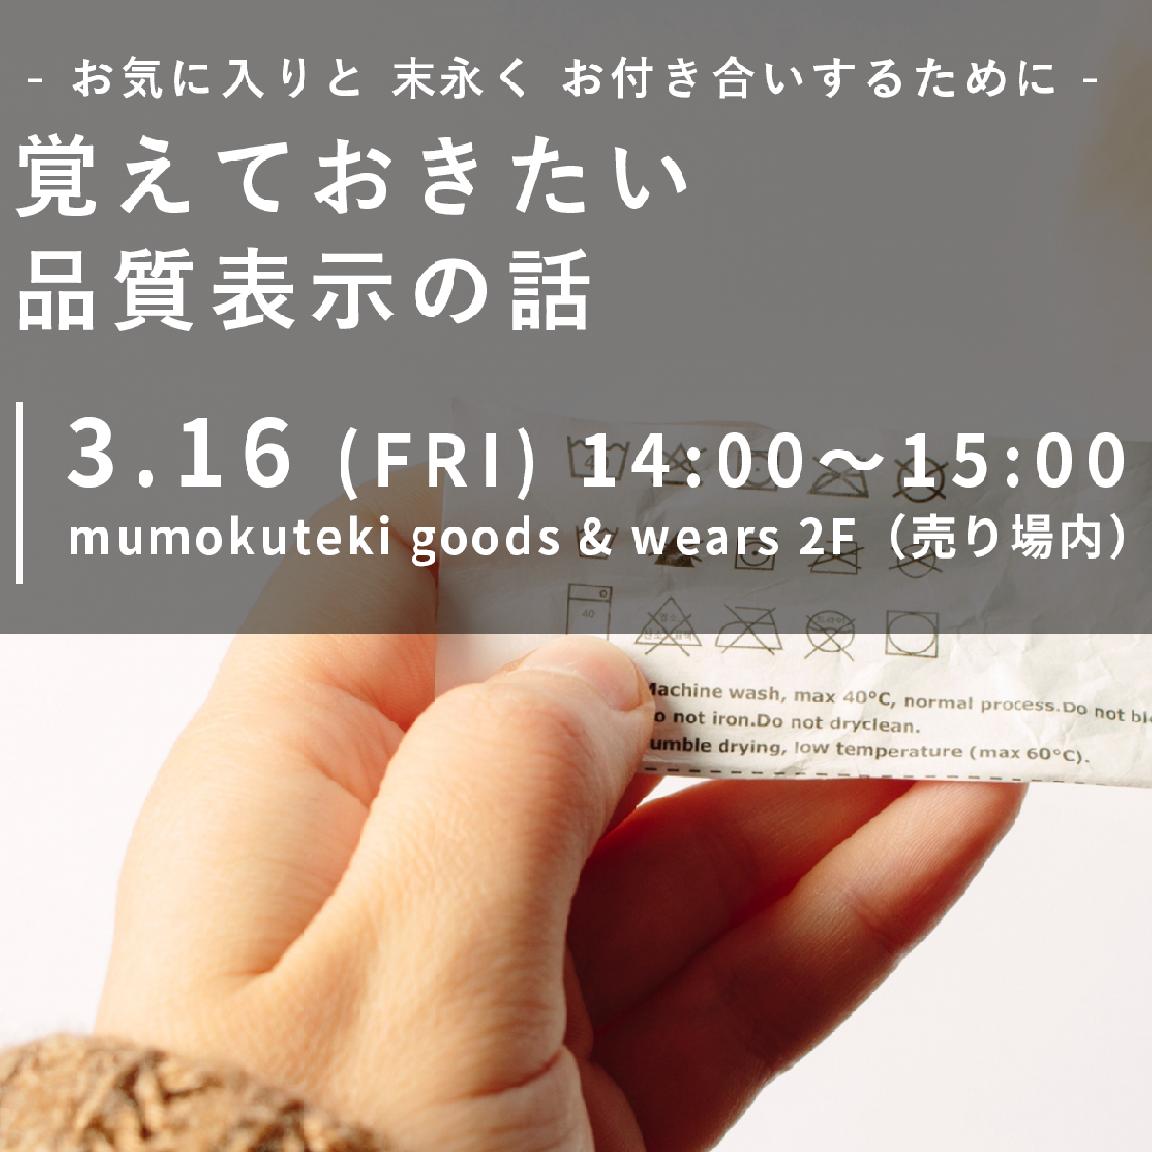 3月16日(金)-お気に入りと末永いお付きいをするために-『覚えておきたい、品質表示の話』トークイベント